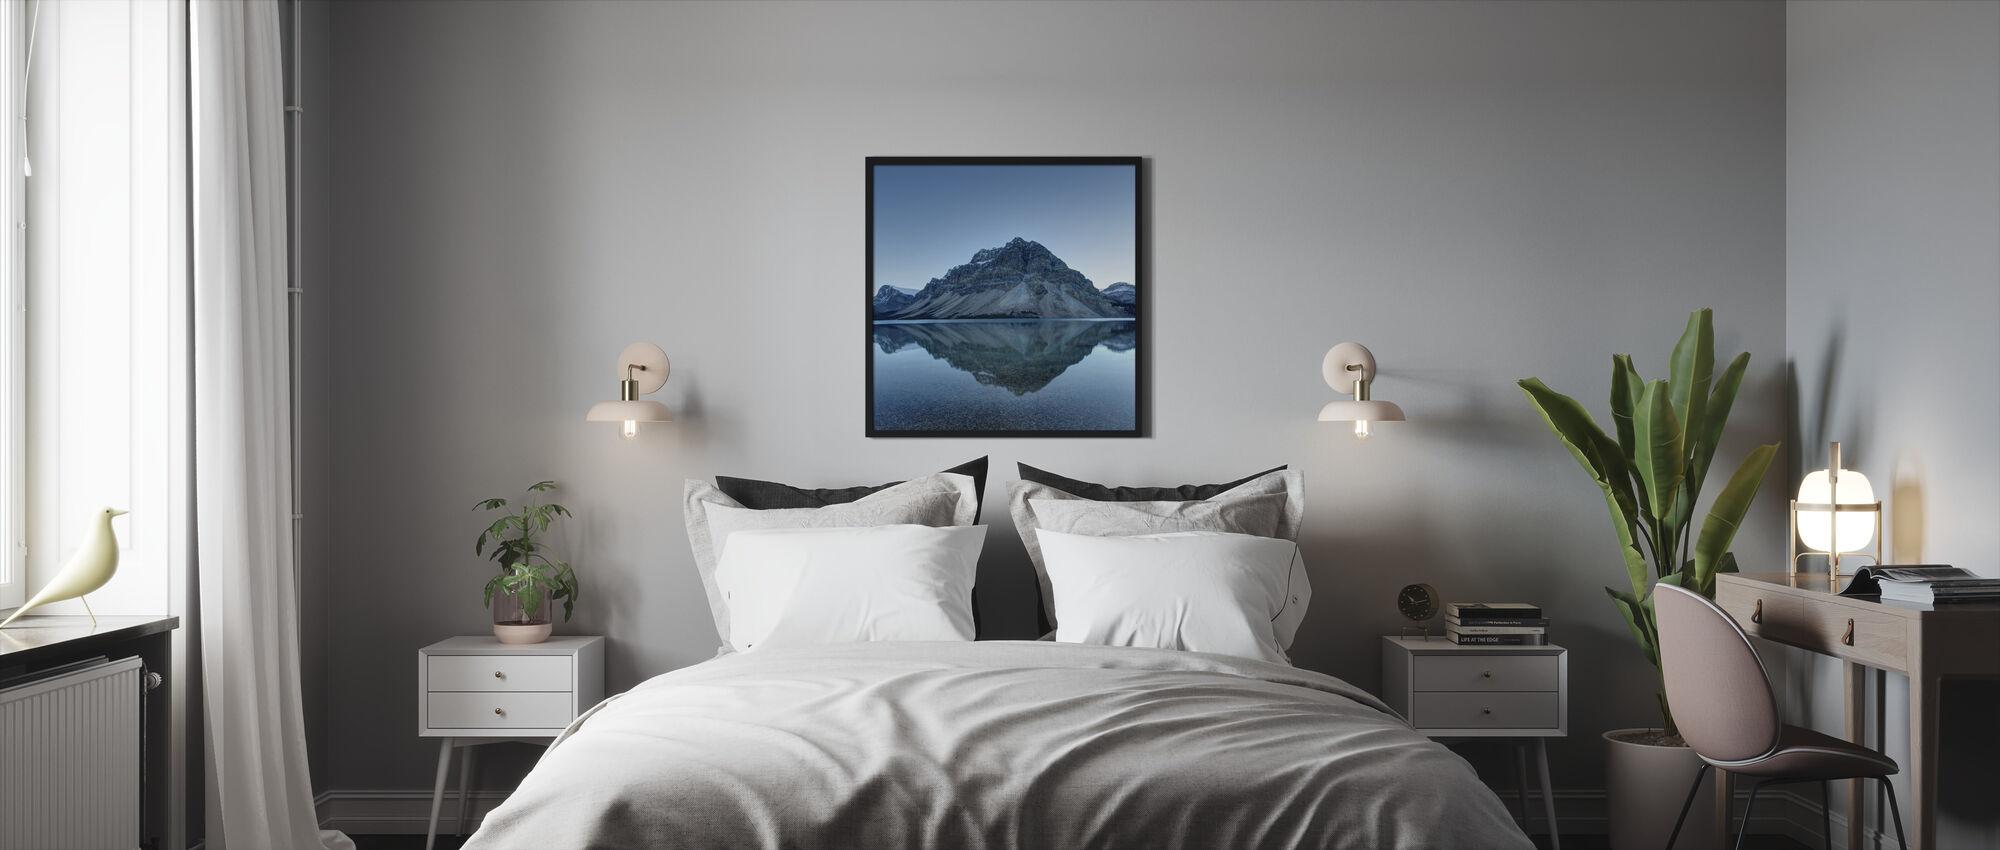 Lugn sjöyta - Inramad tavla - Sovrum